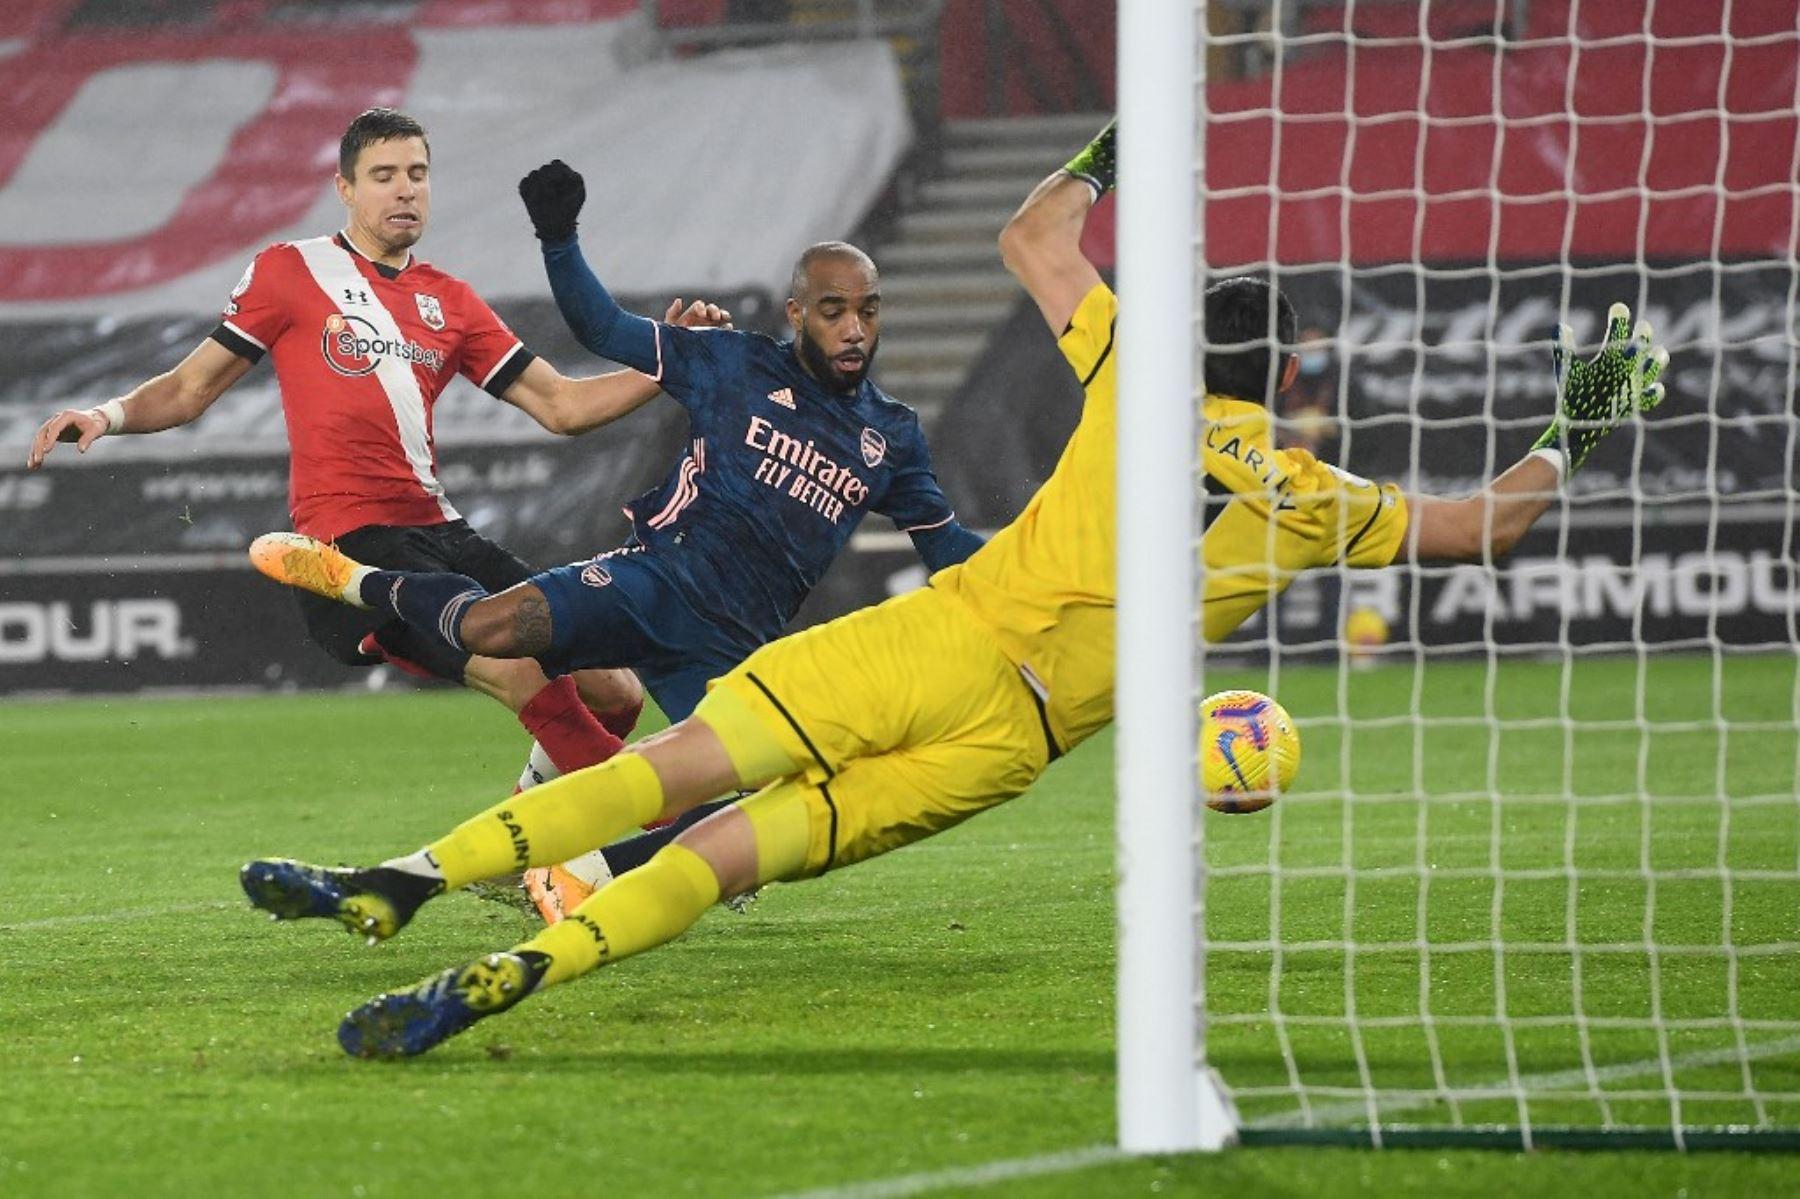 El delantero francés del Arsenal Alexandre Lacazette (C) anota el tercer gol de su equipo durante el partido de fútbol de la Premier League inglesa entre Southampton y Arsenal en el St Mary